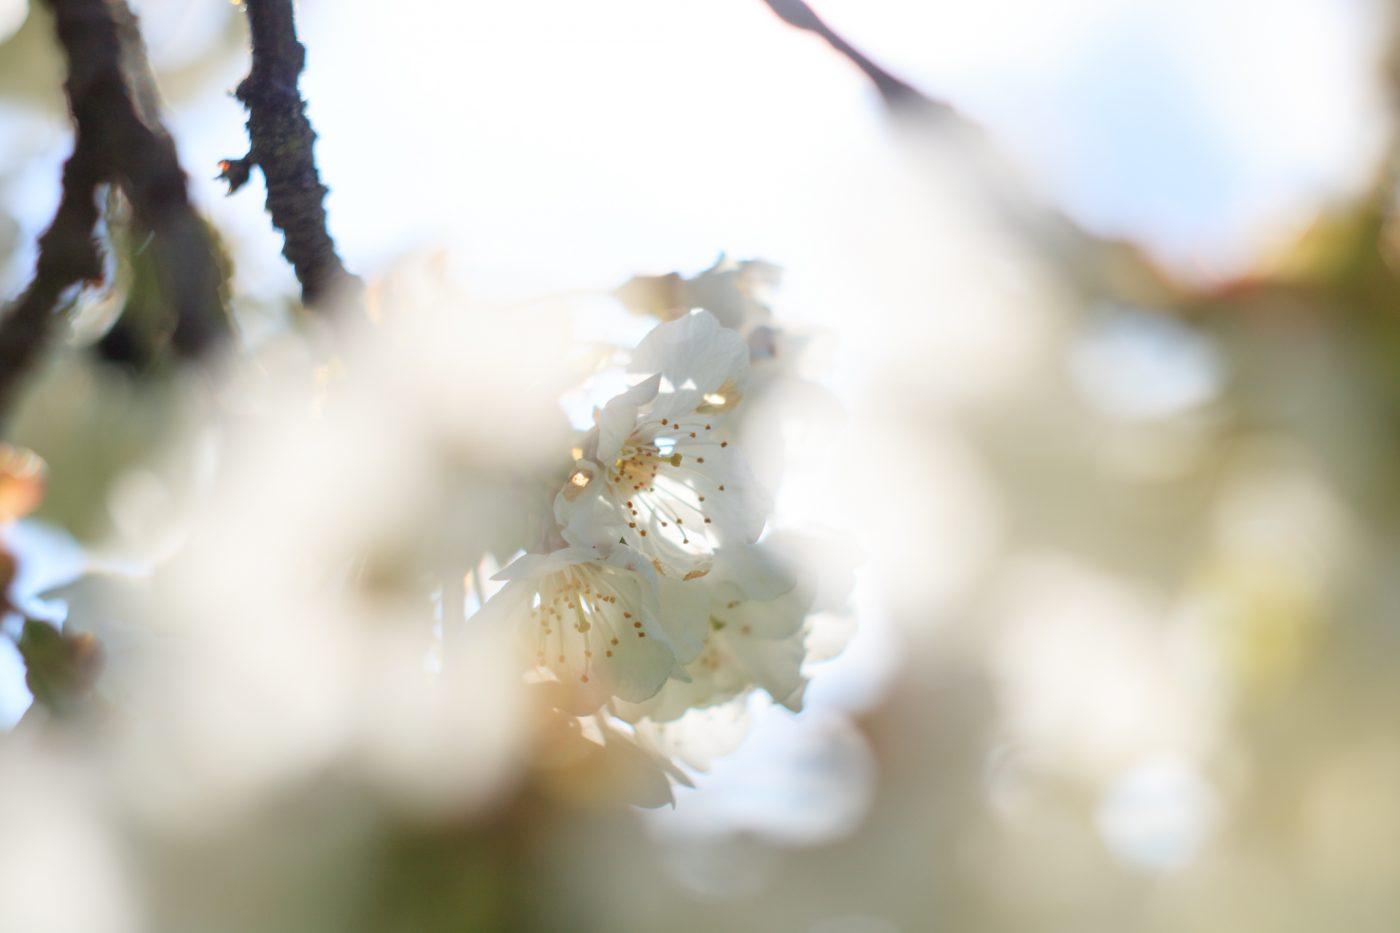 Kirschblüten im morgendlichen Gegenlicht.